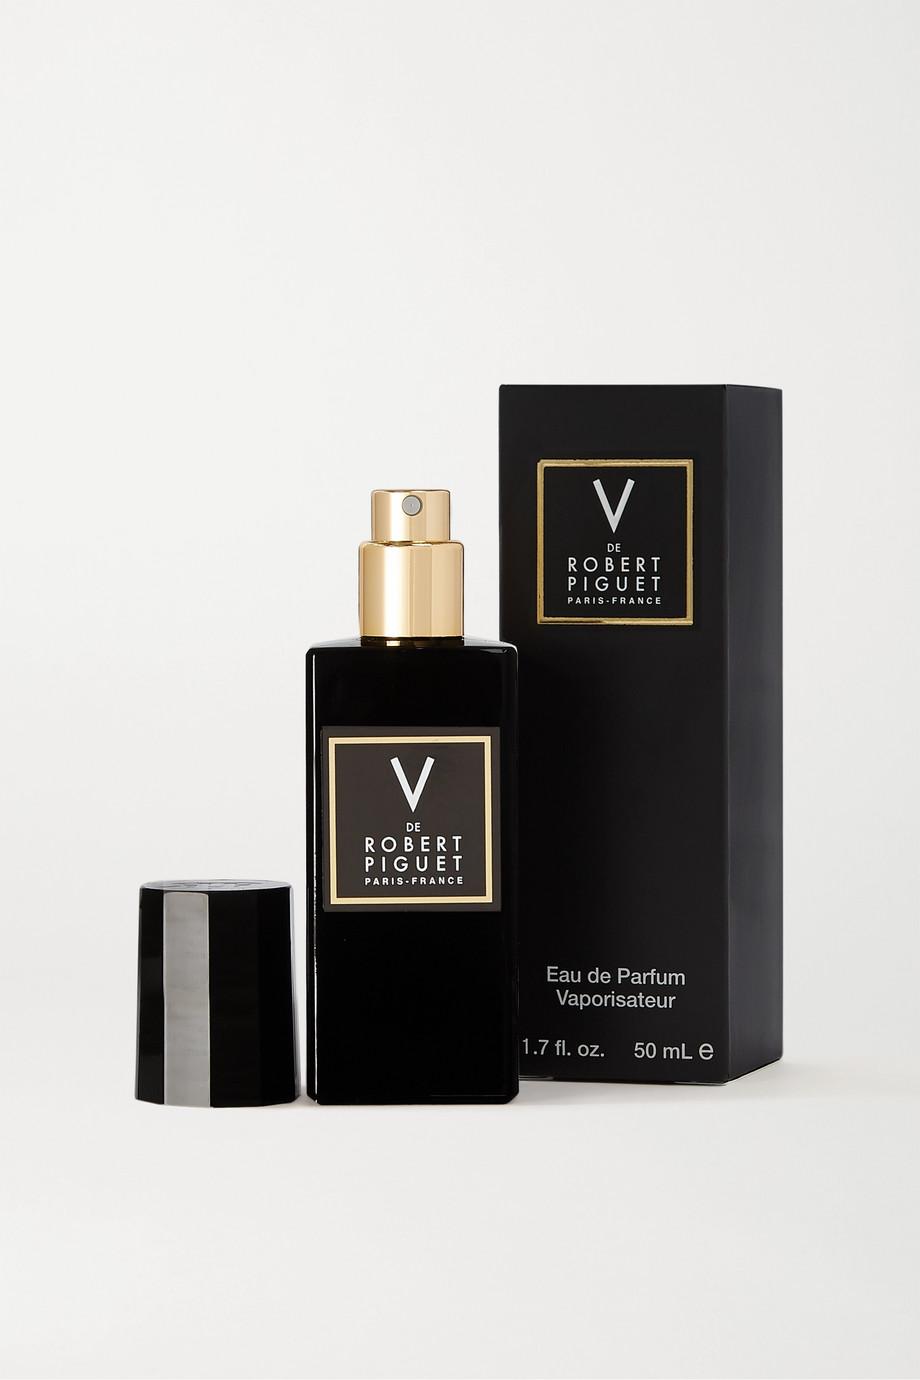 Robert Piguet Parfums V Eau de Parfum, 50ml